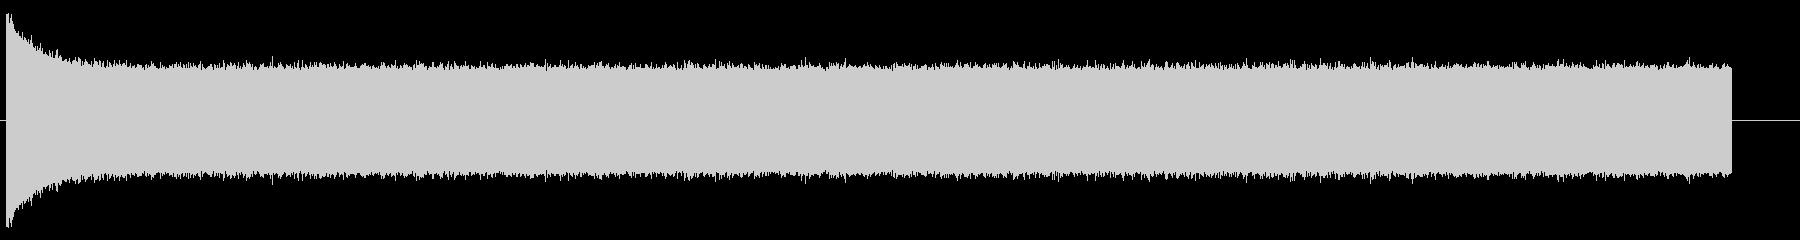 ザー(アナログテレビの砂嵐)の未再生の波形